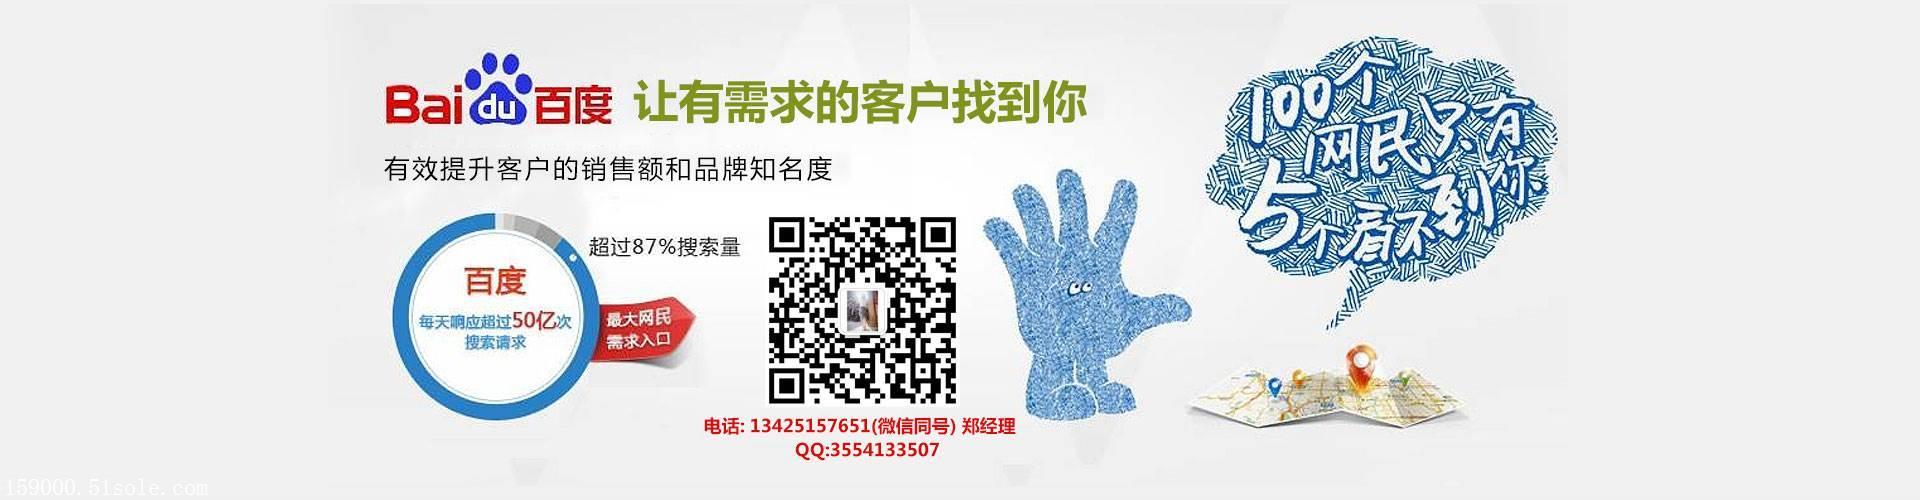 网站推广公司排名上海市